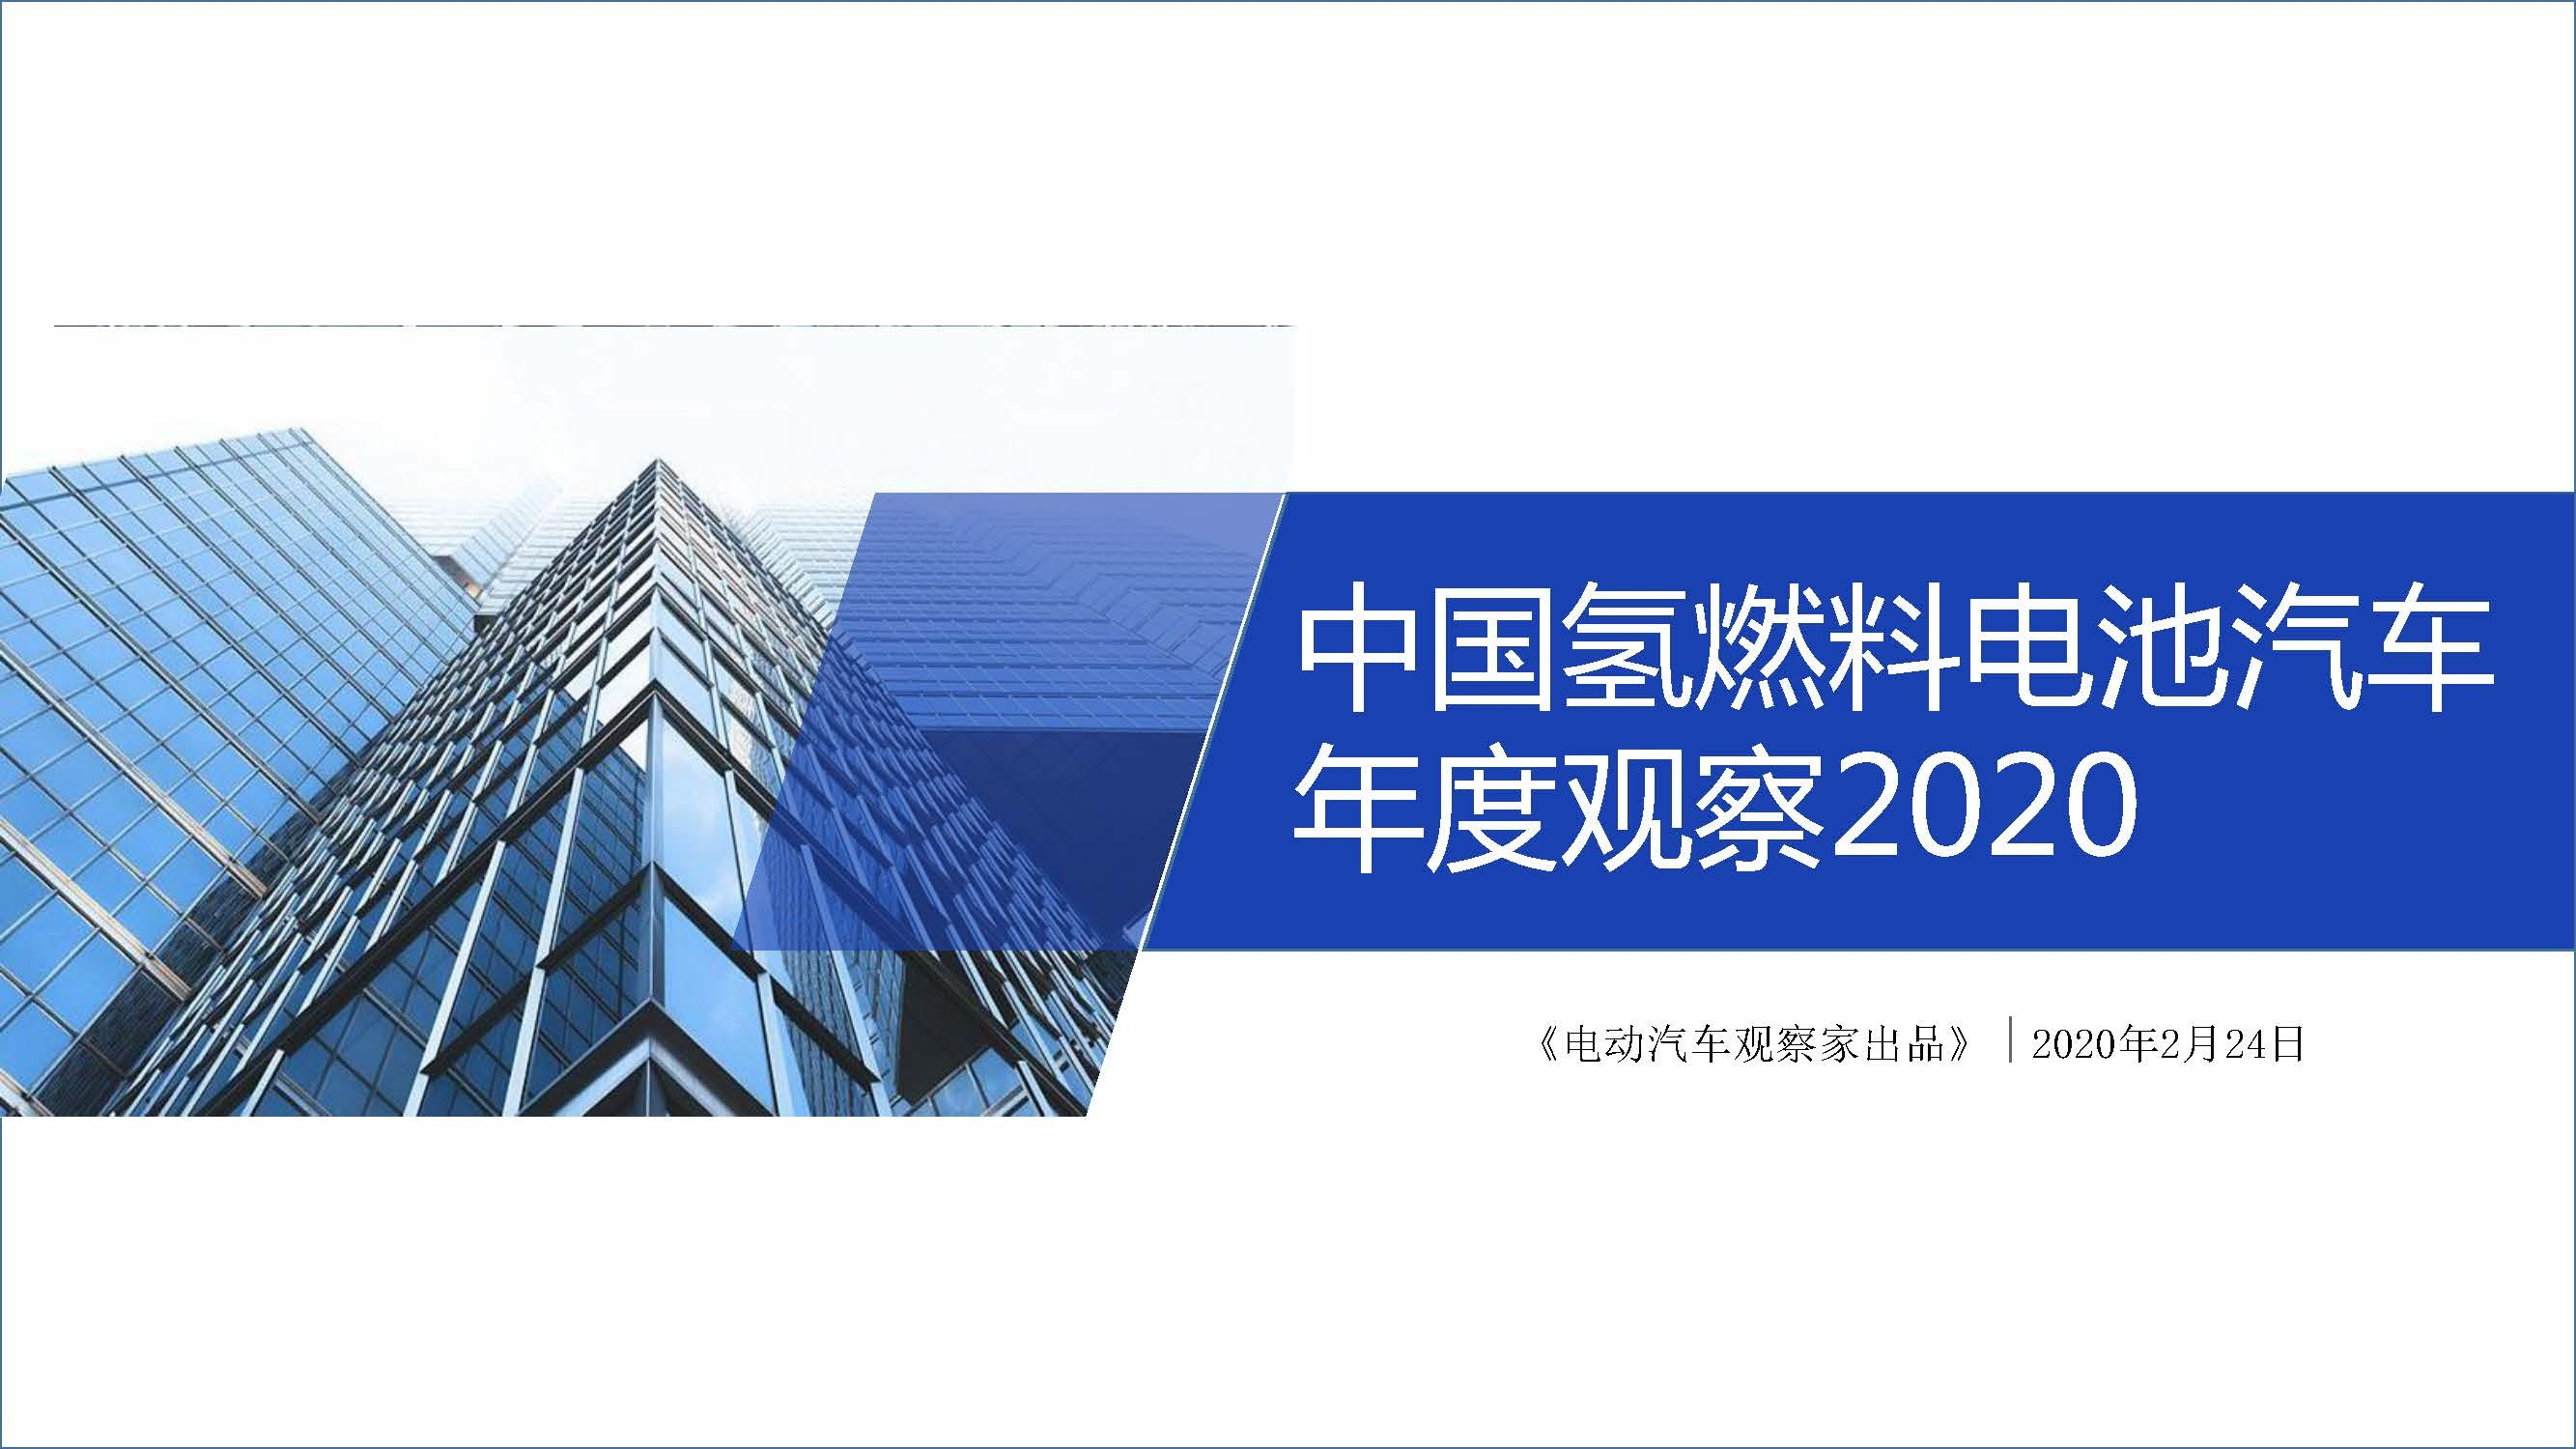 中国氢燃料电池汽车年度观察2020_页面_01